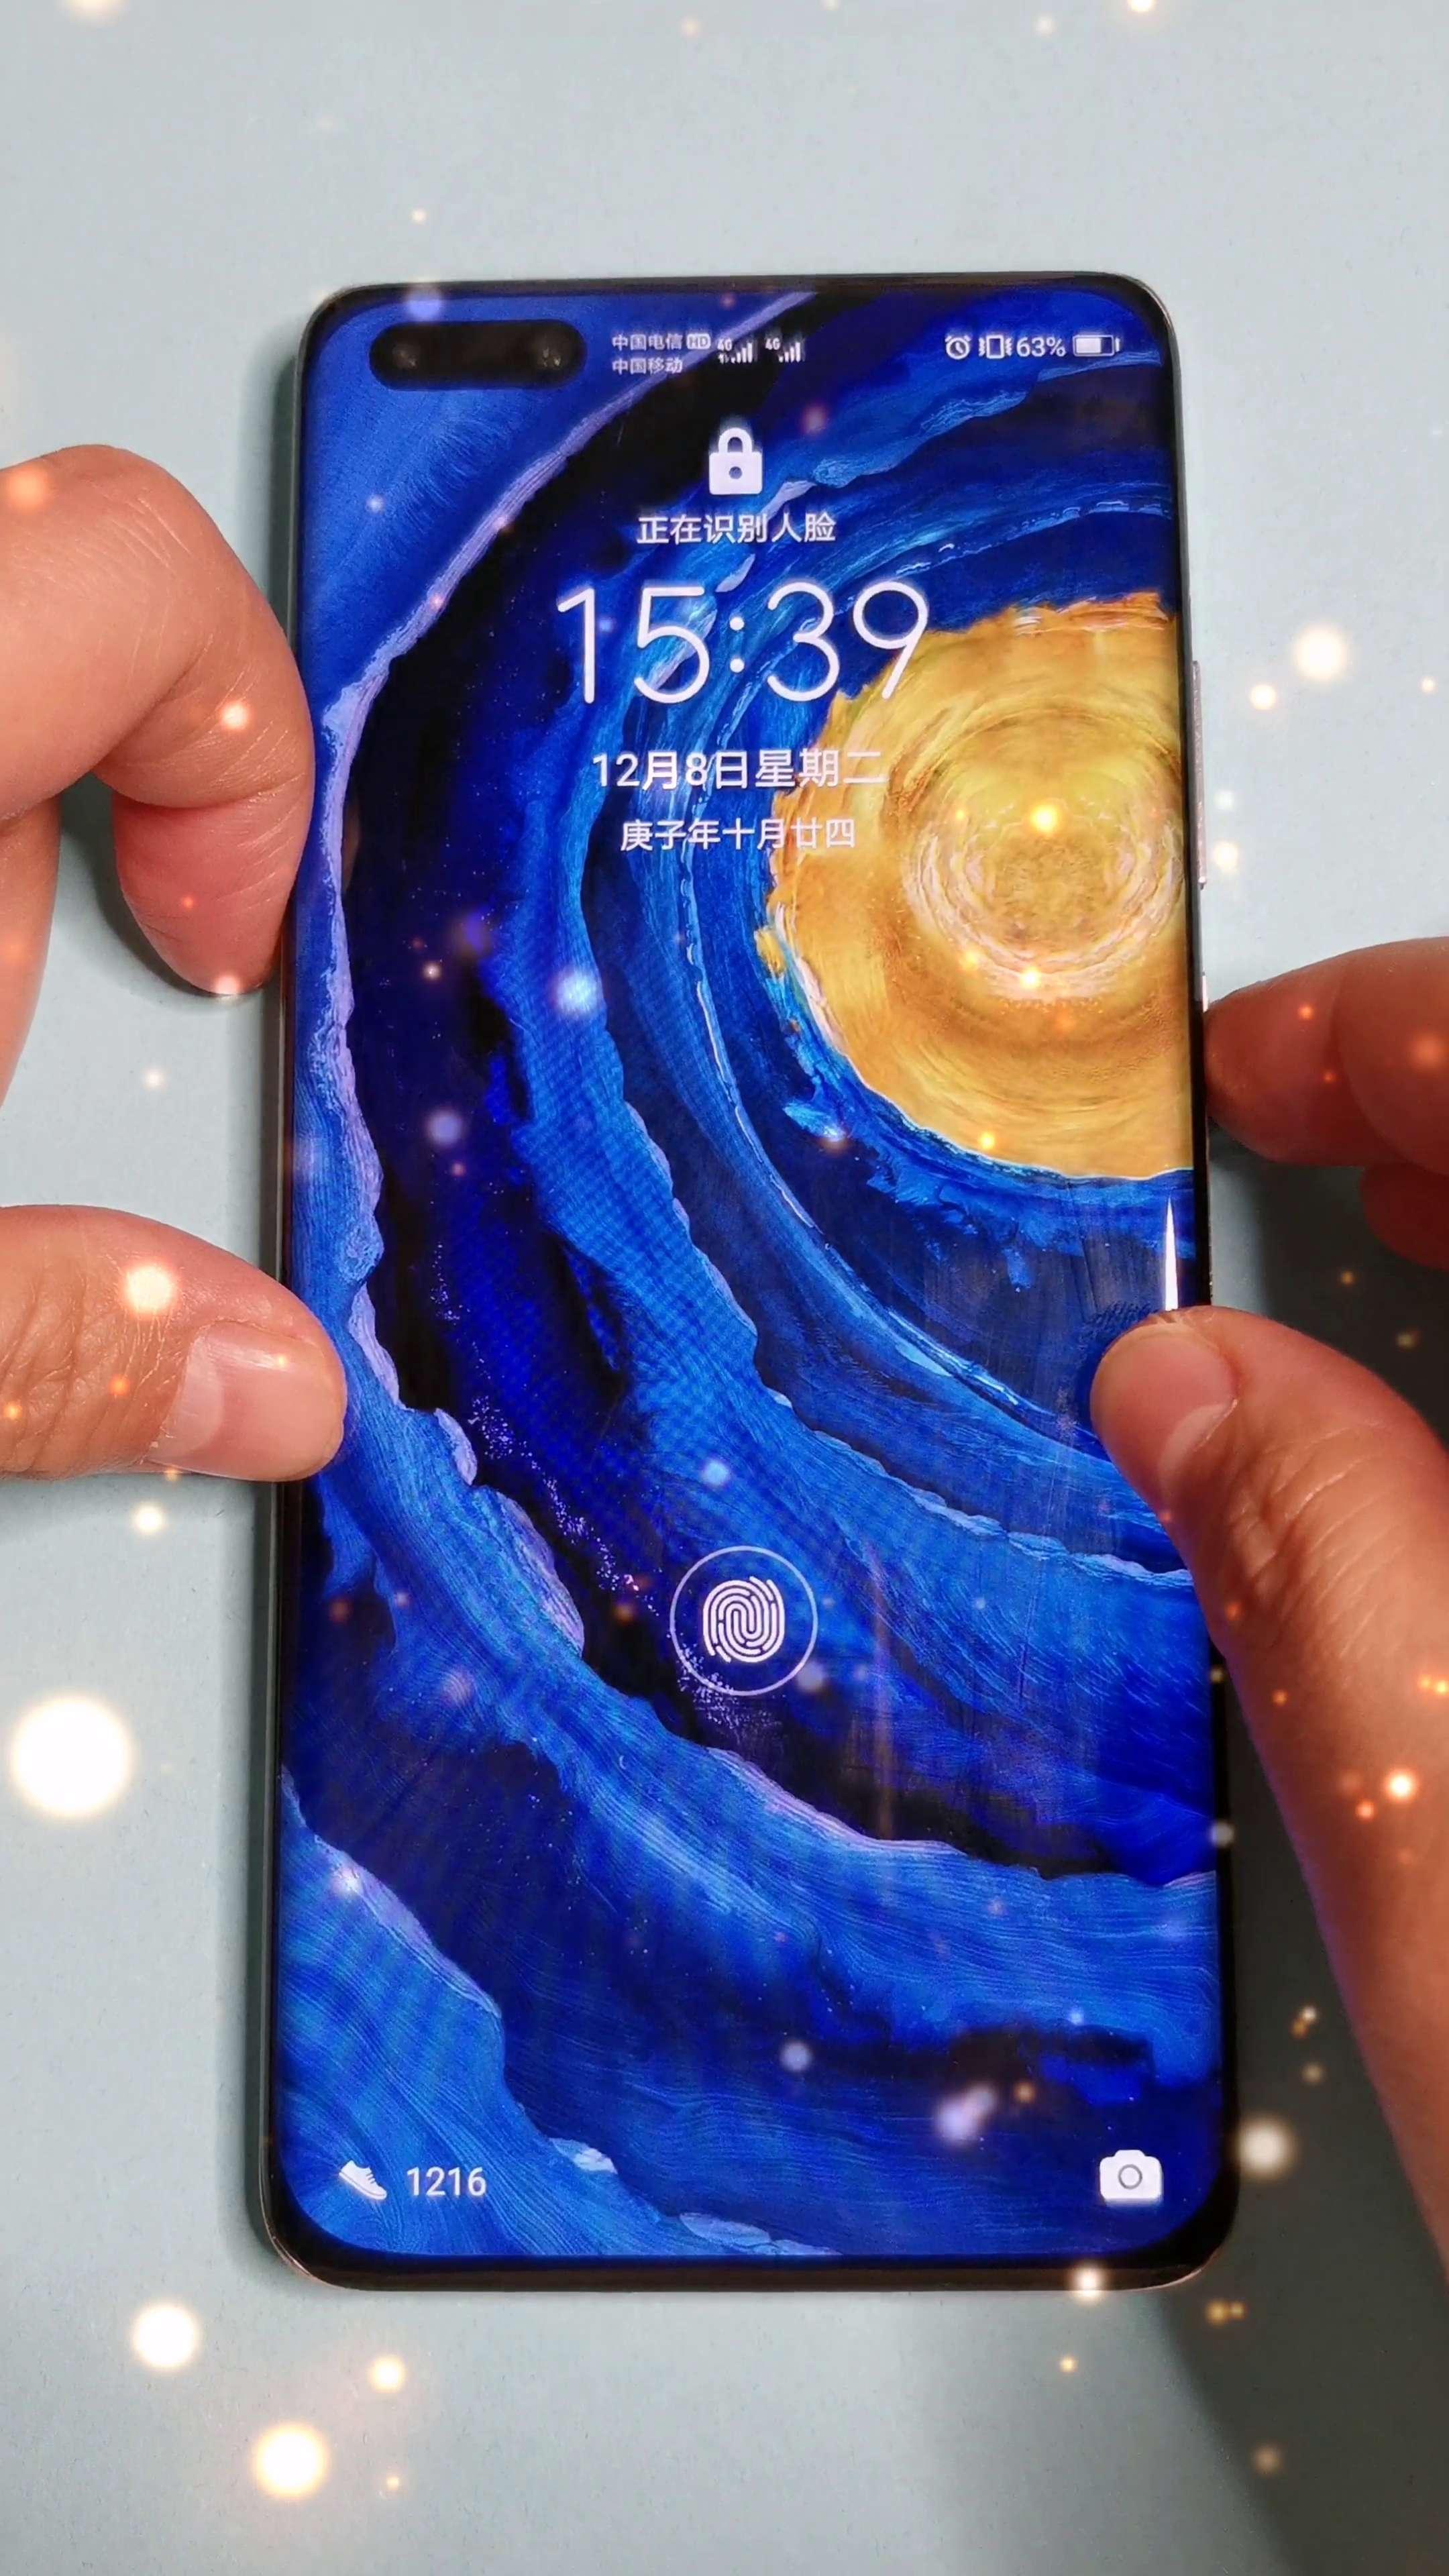 华为手机2021新年惊喜,一镜到底的动态主题送给你们!,升级尝鲜-花粉俱乐部